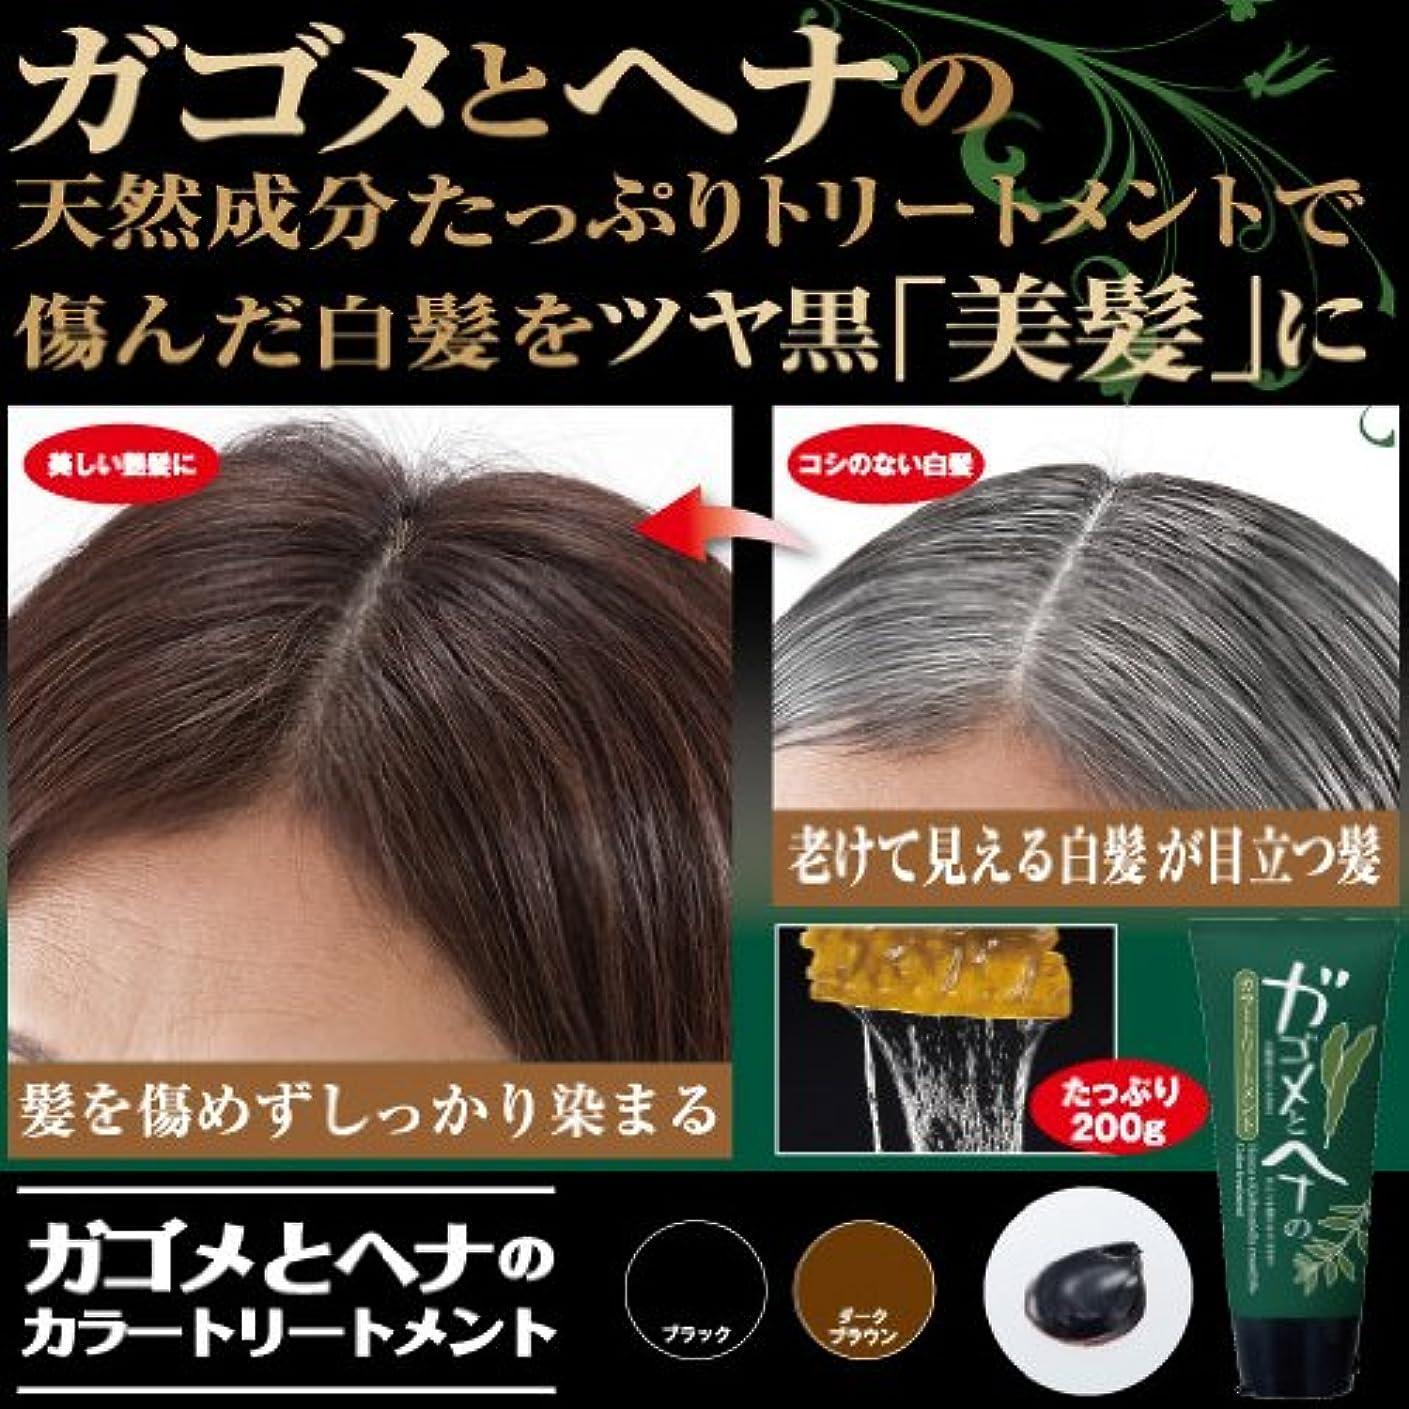 群れ扇動する操縦する髪を傷めず白髪1本1本しっかり色づけ『ガゴメとヘナの カラートリートメント』(ブラック)